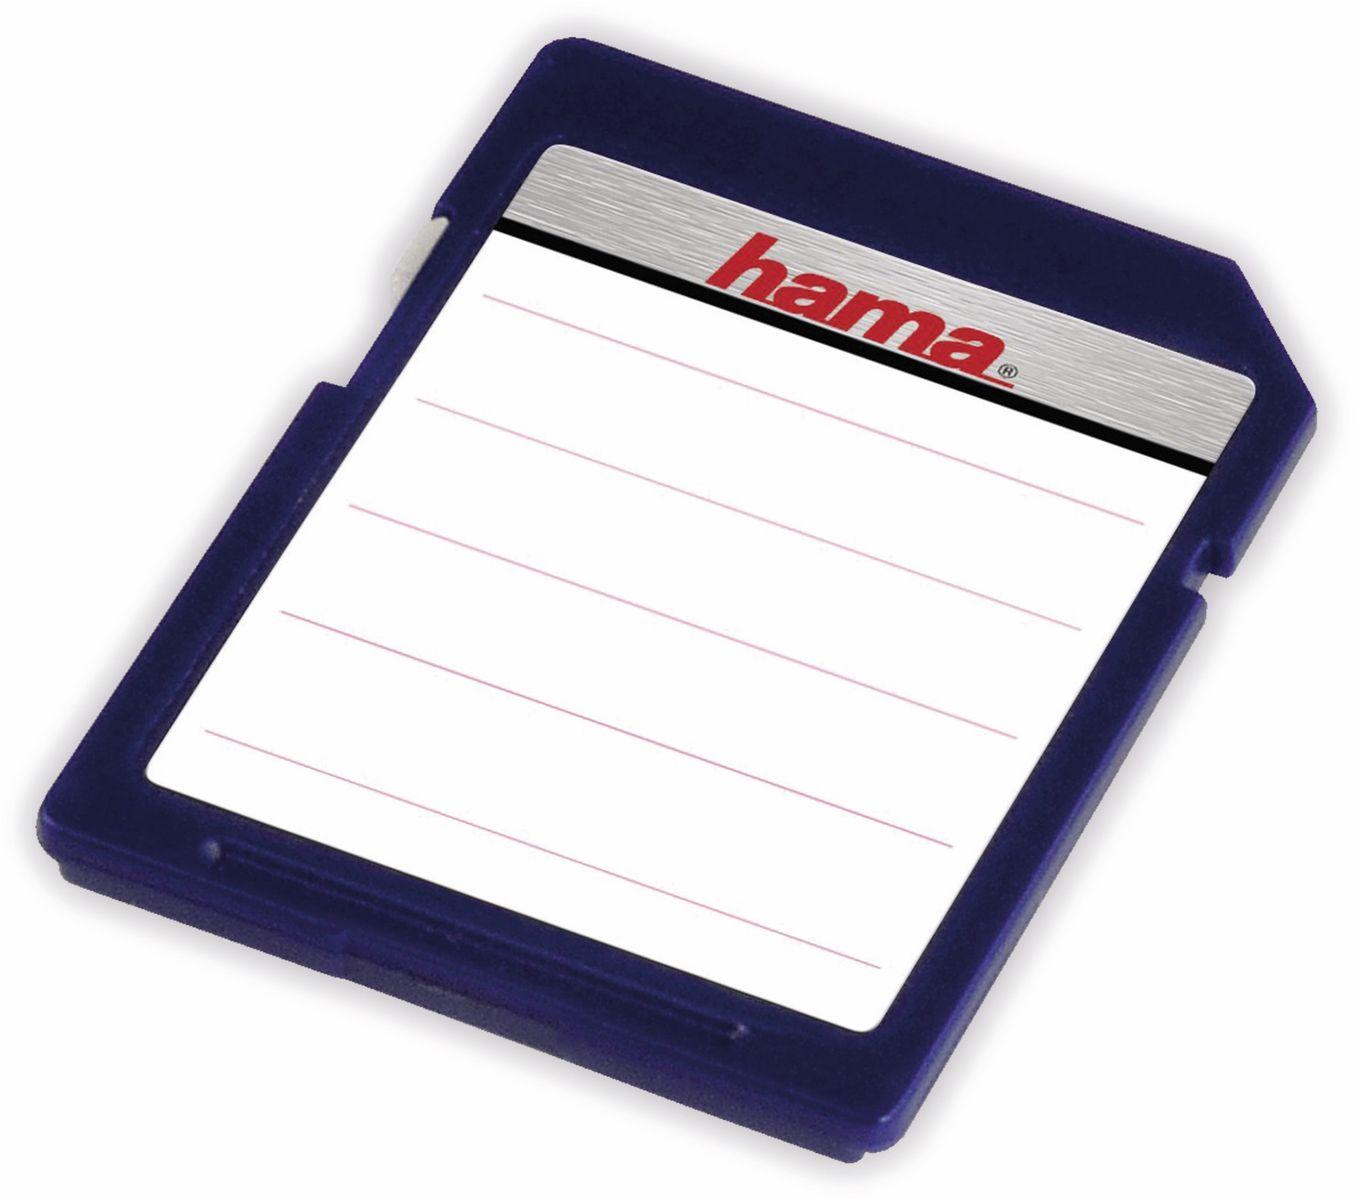 Speicherkarten-Etiketten SD/MMC, Hama